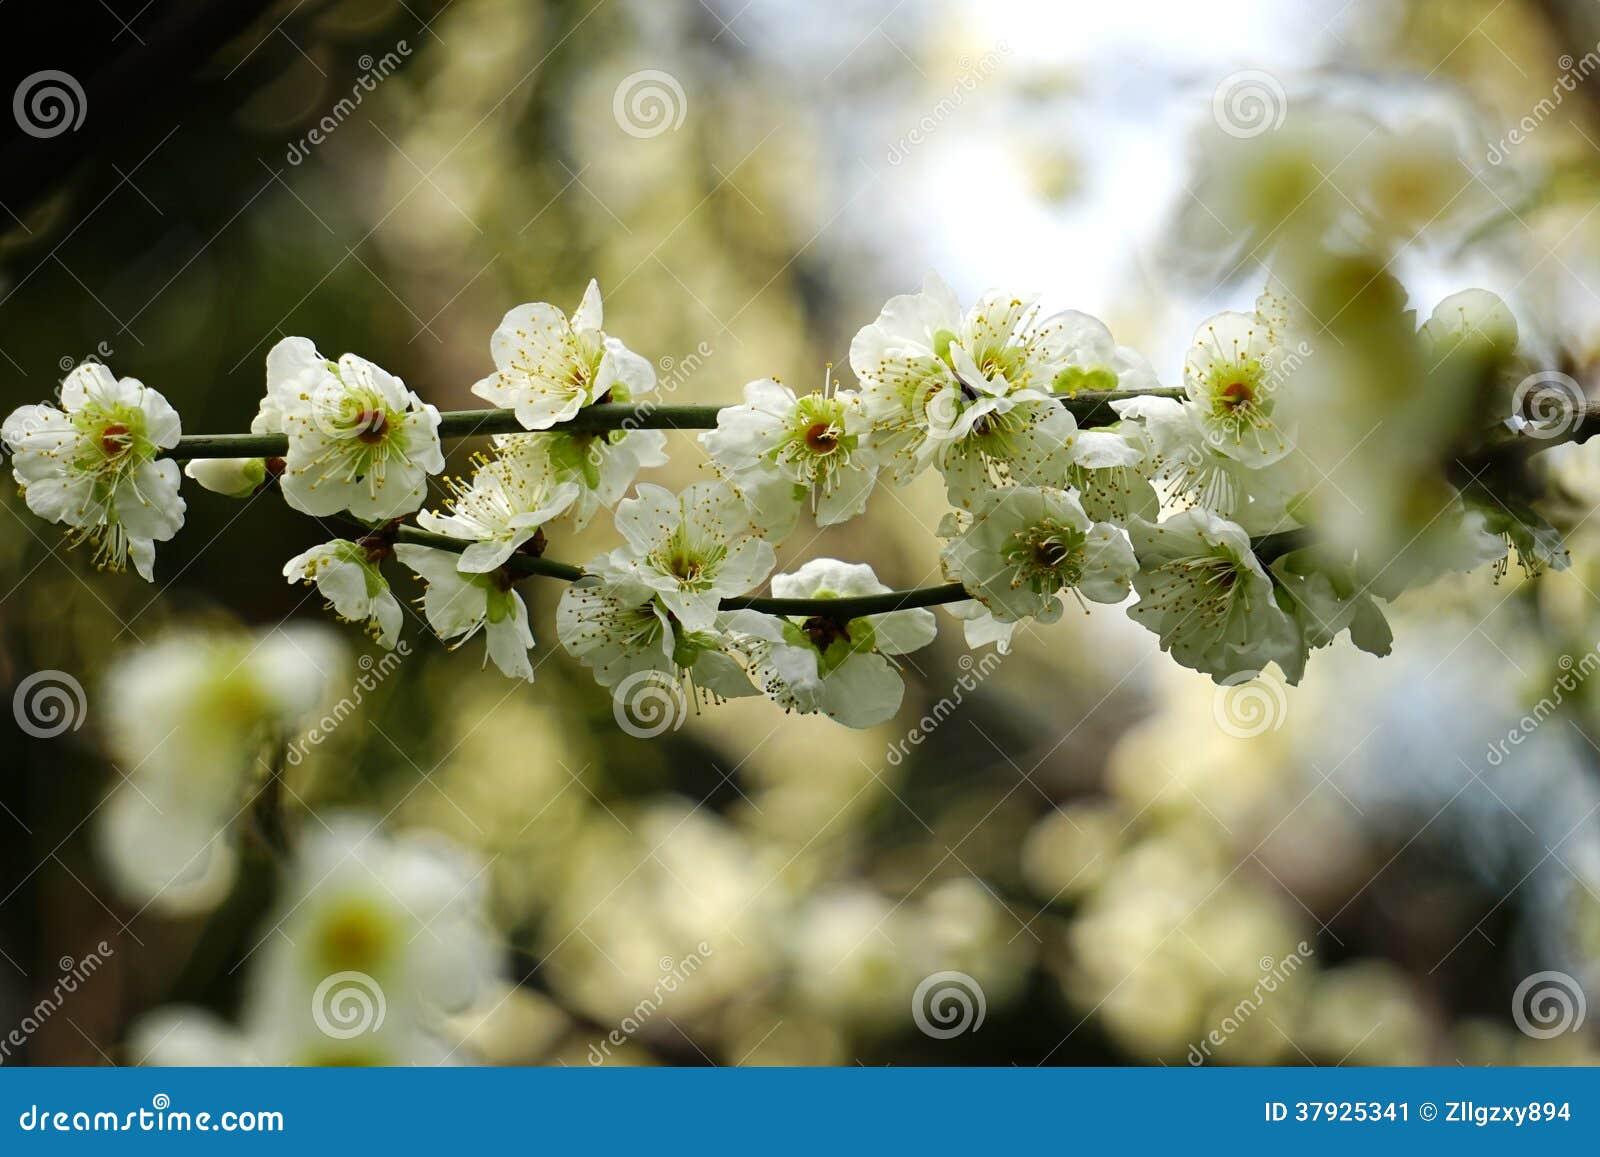 Зеленое цветение сливы